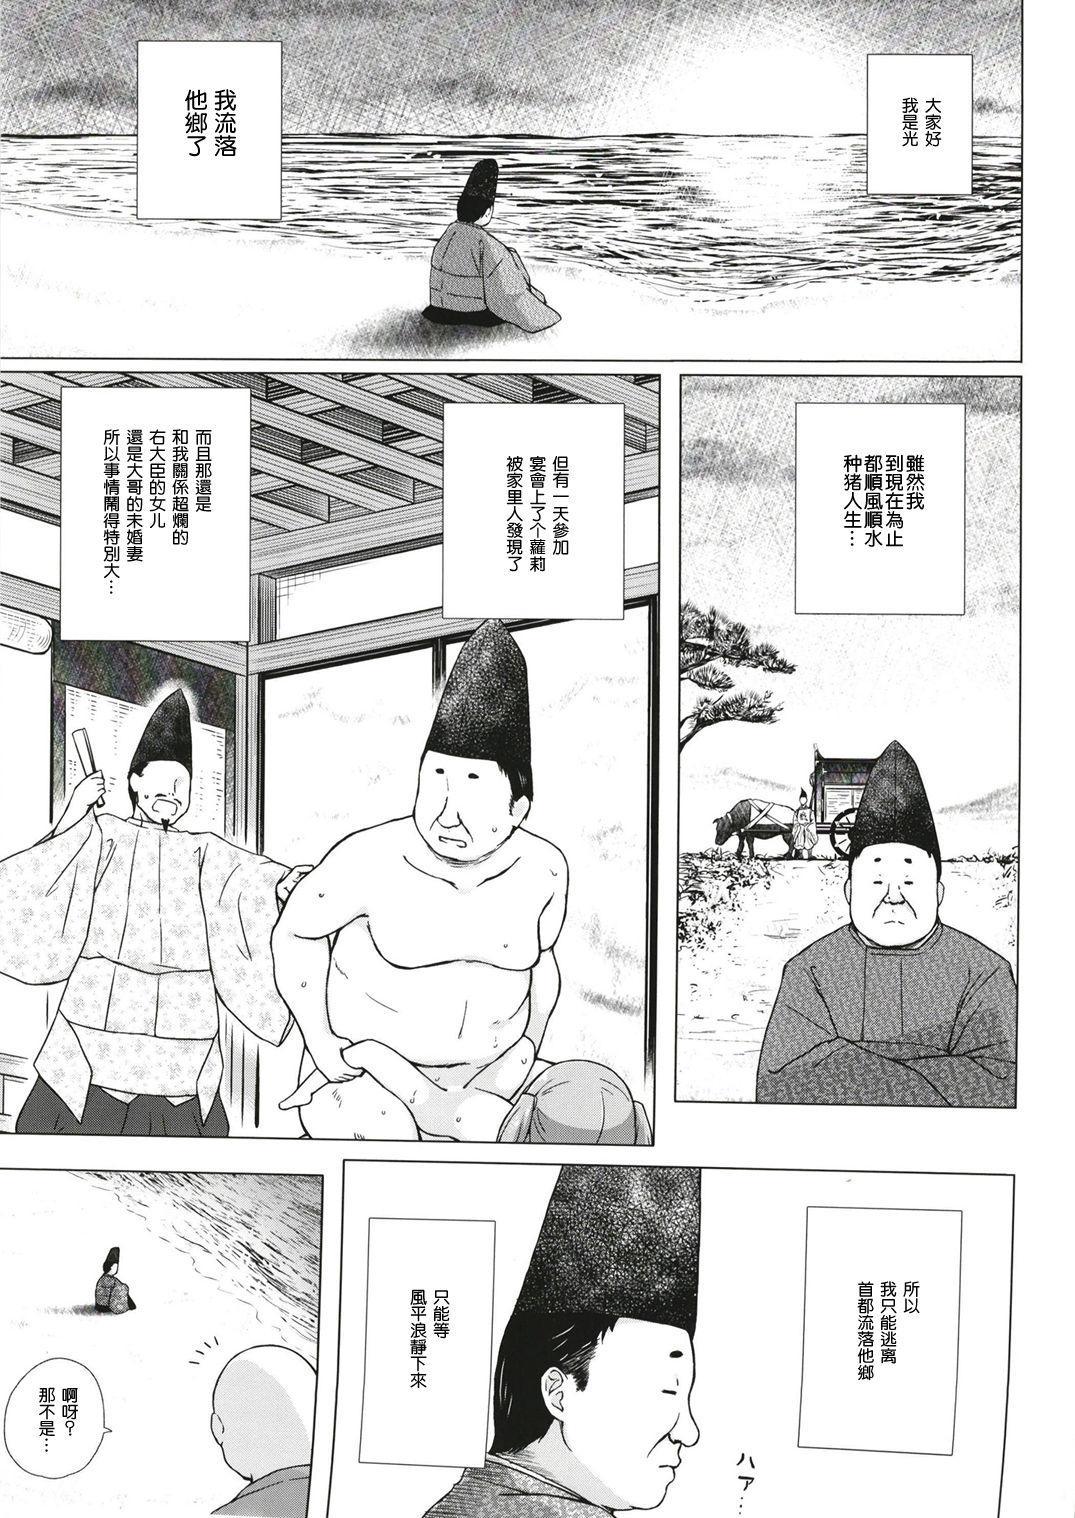 Hikari no Kimi no Saganaki Keikaku <Akashi> 2